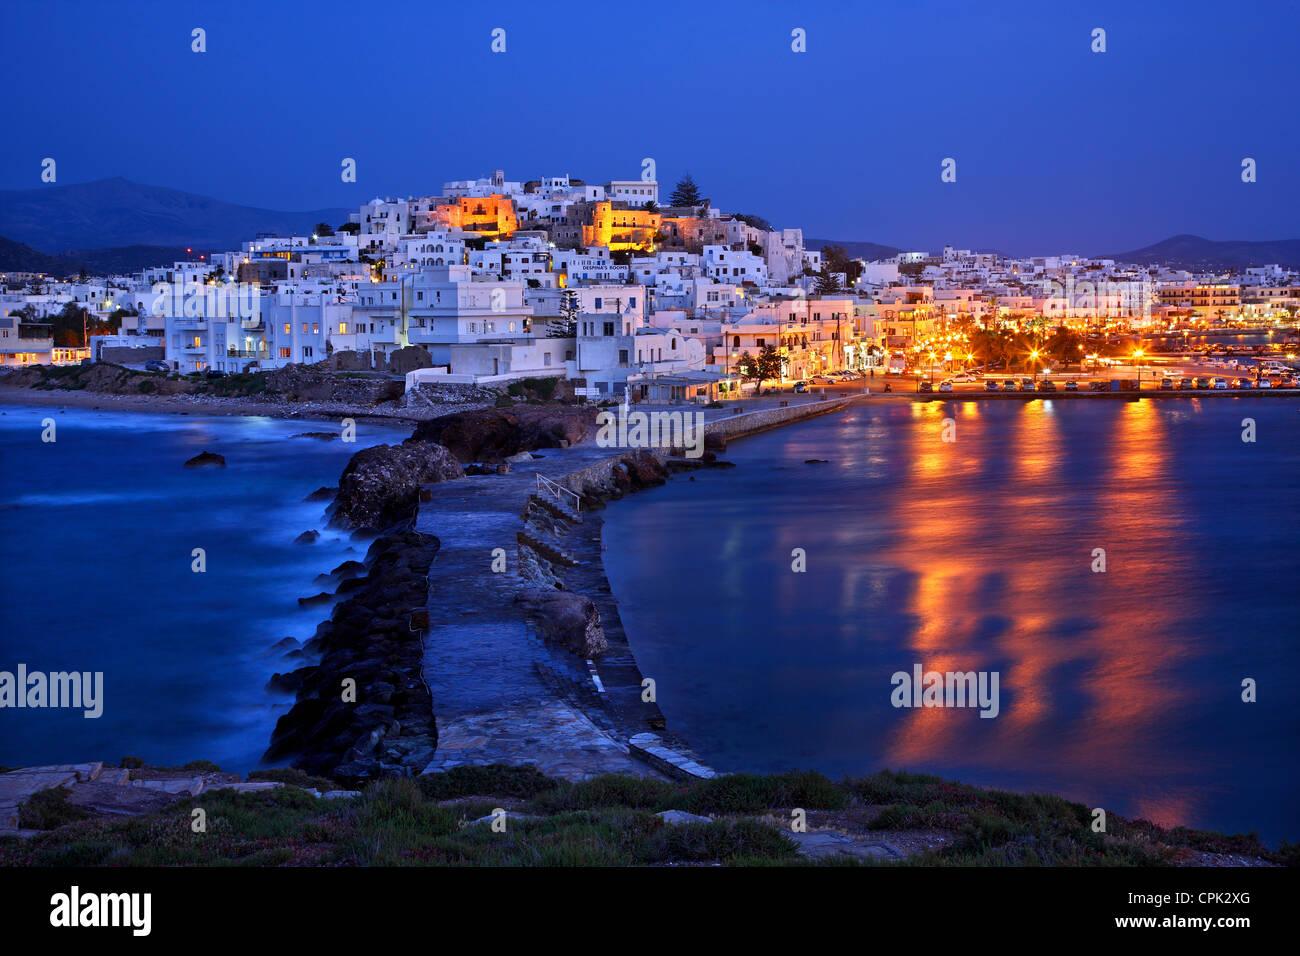 La Chora ('capital') de la isla de Naxos con el castillo de Sanoudos en la parte superior, tal como se ven desde la 'Portara', Cyclades, Grecia Foto de stock